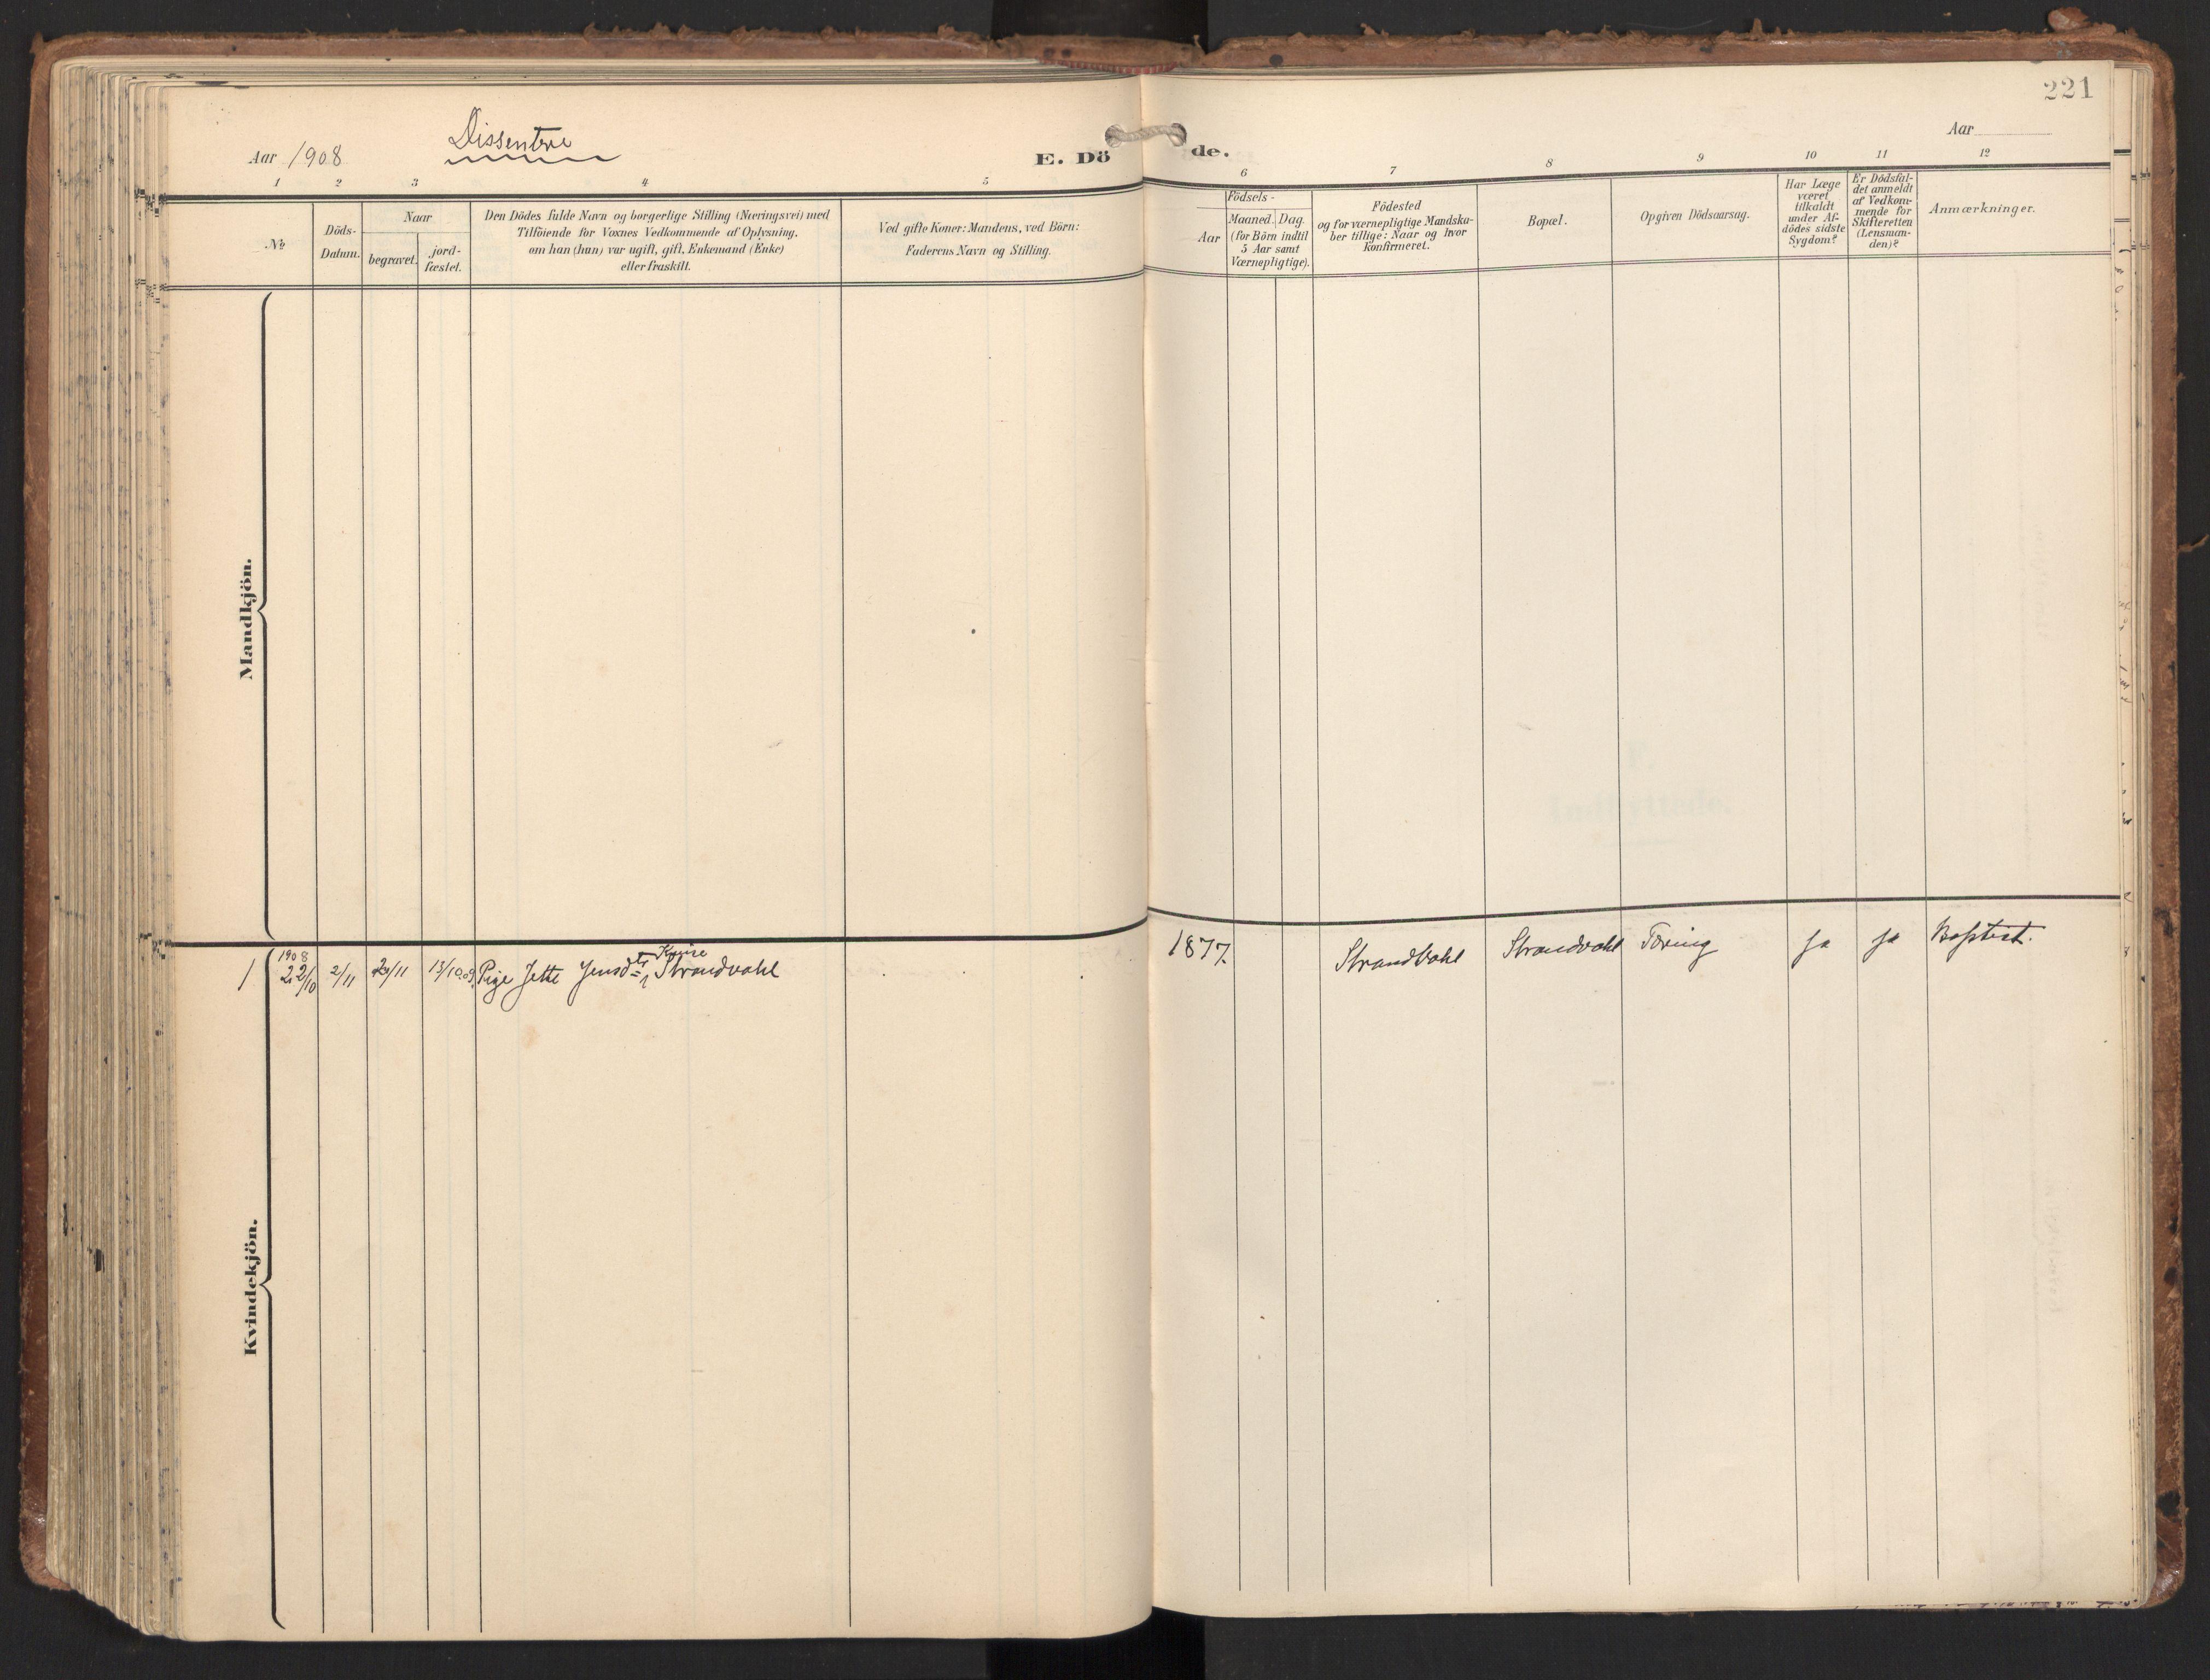 SAT, Ministerialprotokoller, klokkerbøker og fødselsregistre - Nord-Trøndelag, 784/L0677: Ministerialbok nr. 784A12, 1900-1920, s. 221